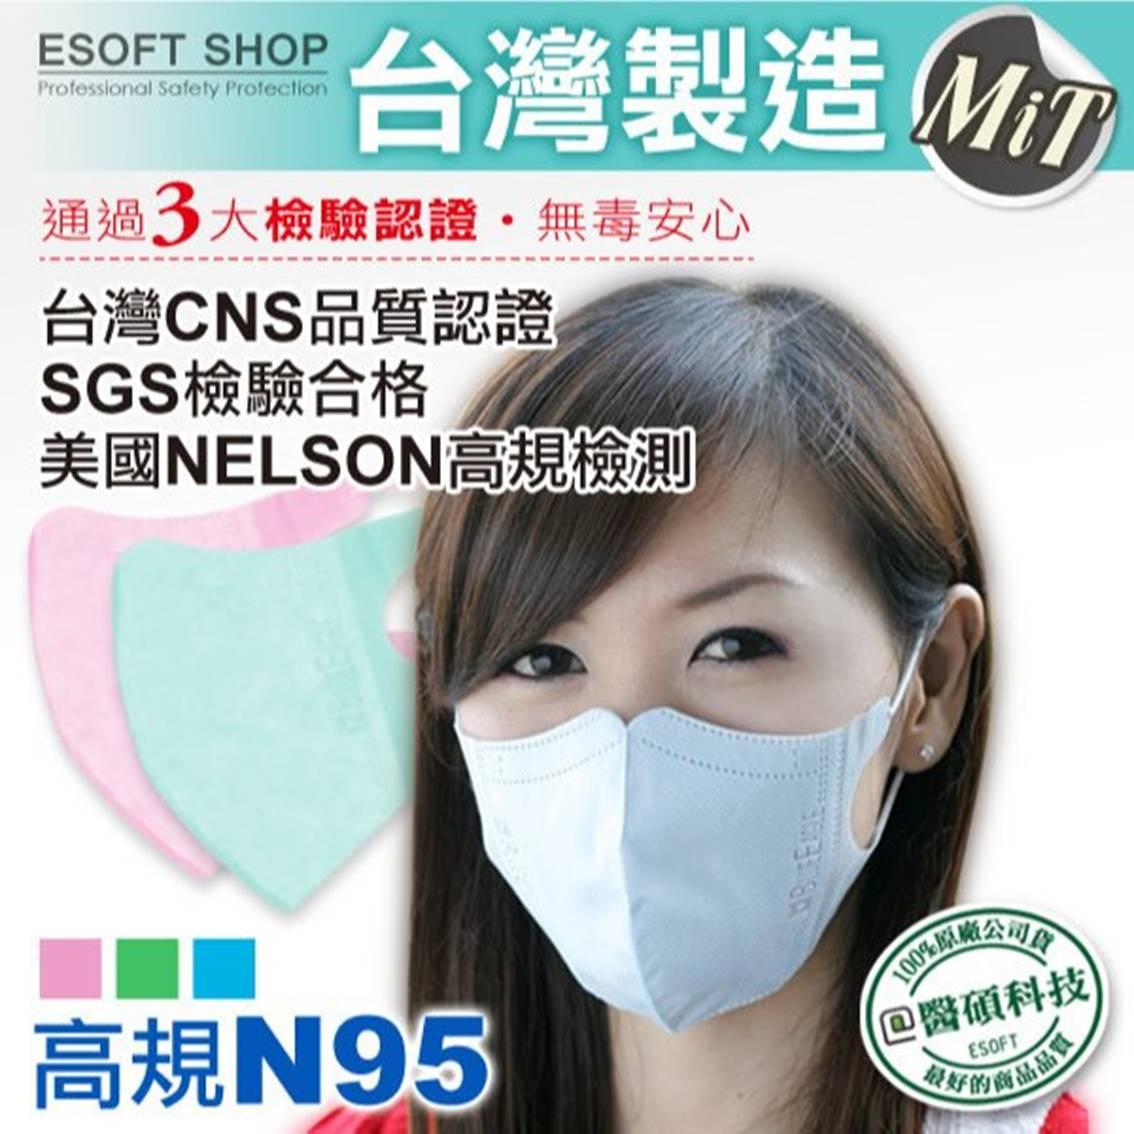 ↘下殺$180  藍鷹牌成人立體型3D防塵用口罩   藍色  / 粉色 / 綠色 【樂活生活館】